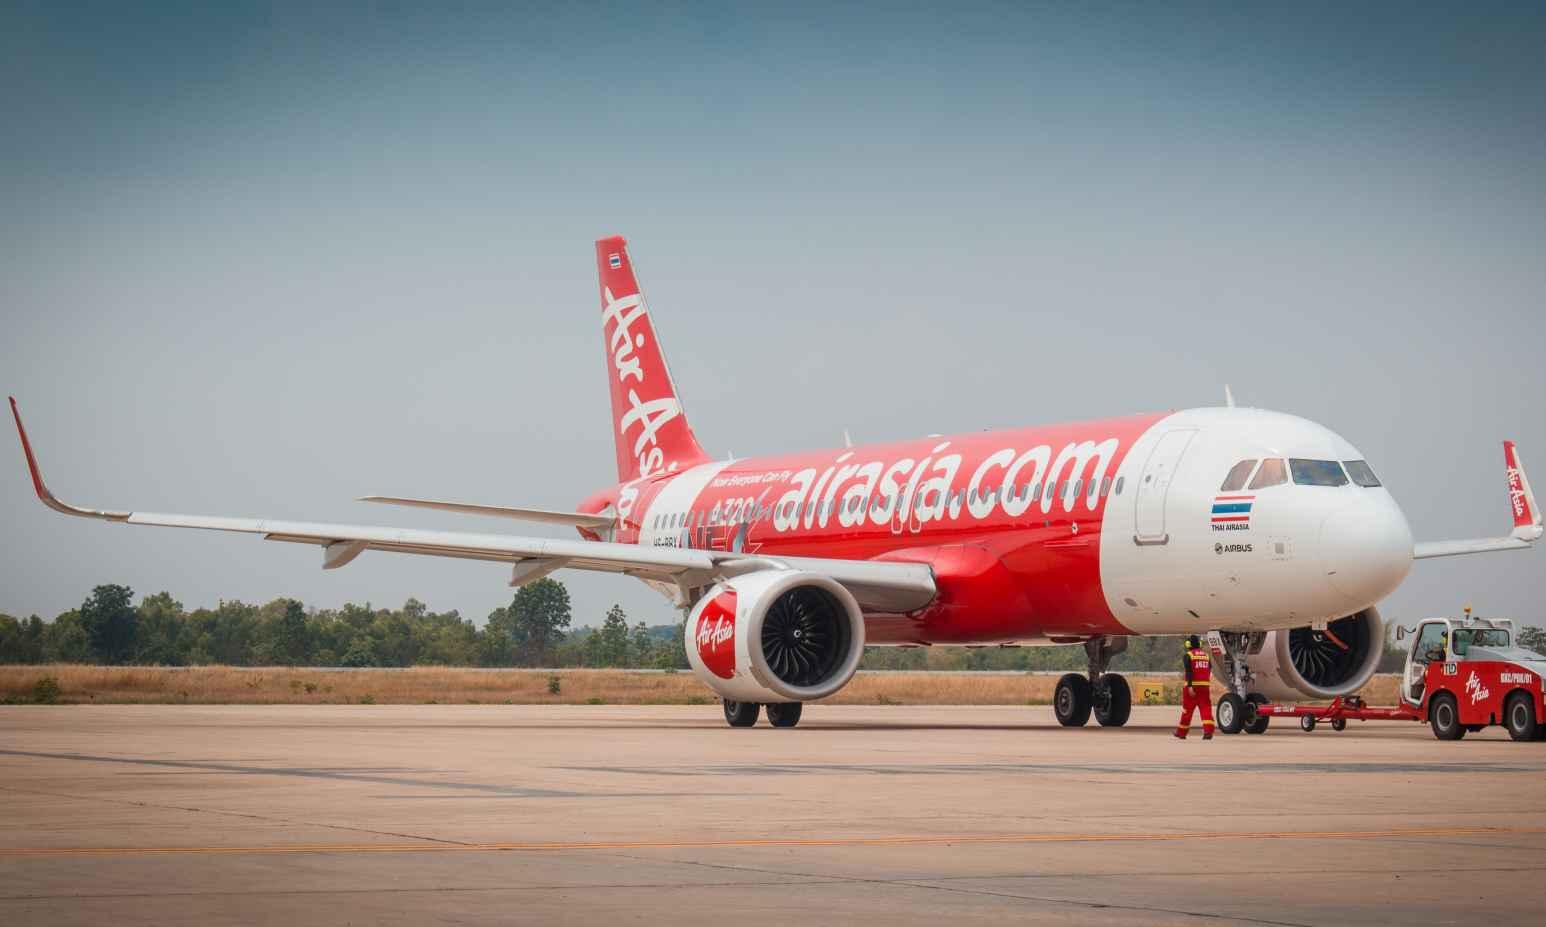 Air Asia là một hãng hàng không giá rẻ khai thác chặng Việt Nam - Bali